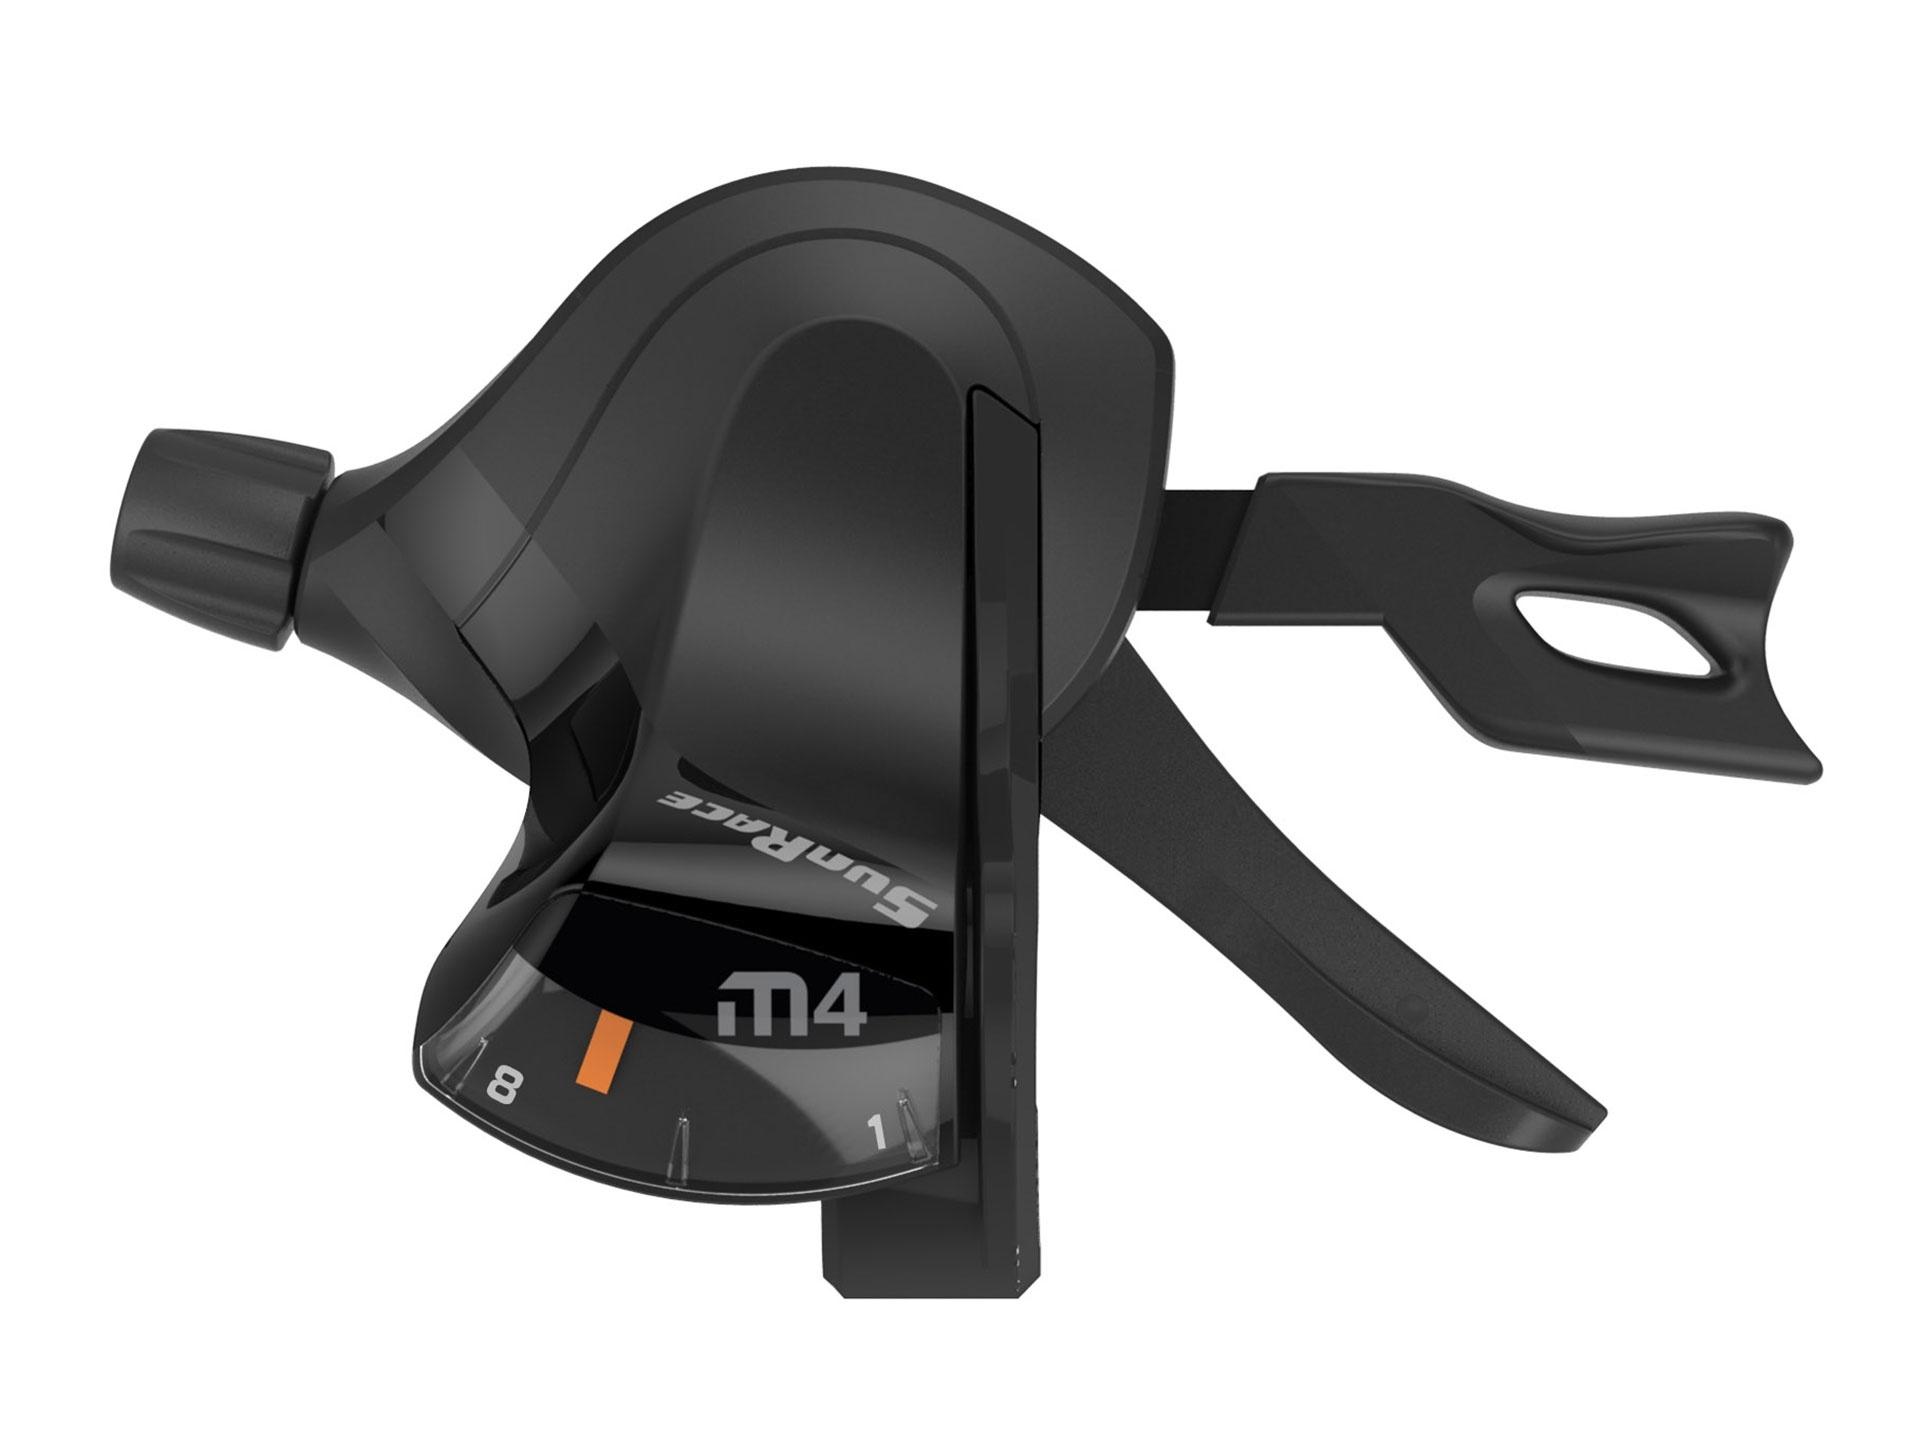 Manette Trigger SunRace DLM400 7 vitesses Droite Noir